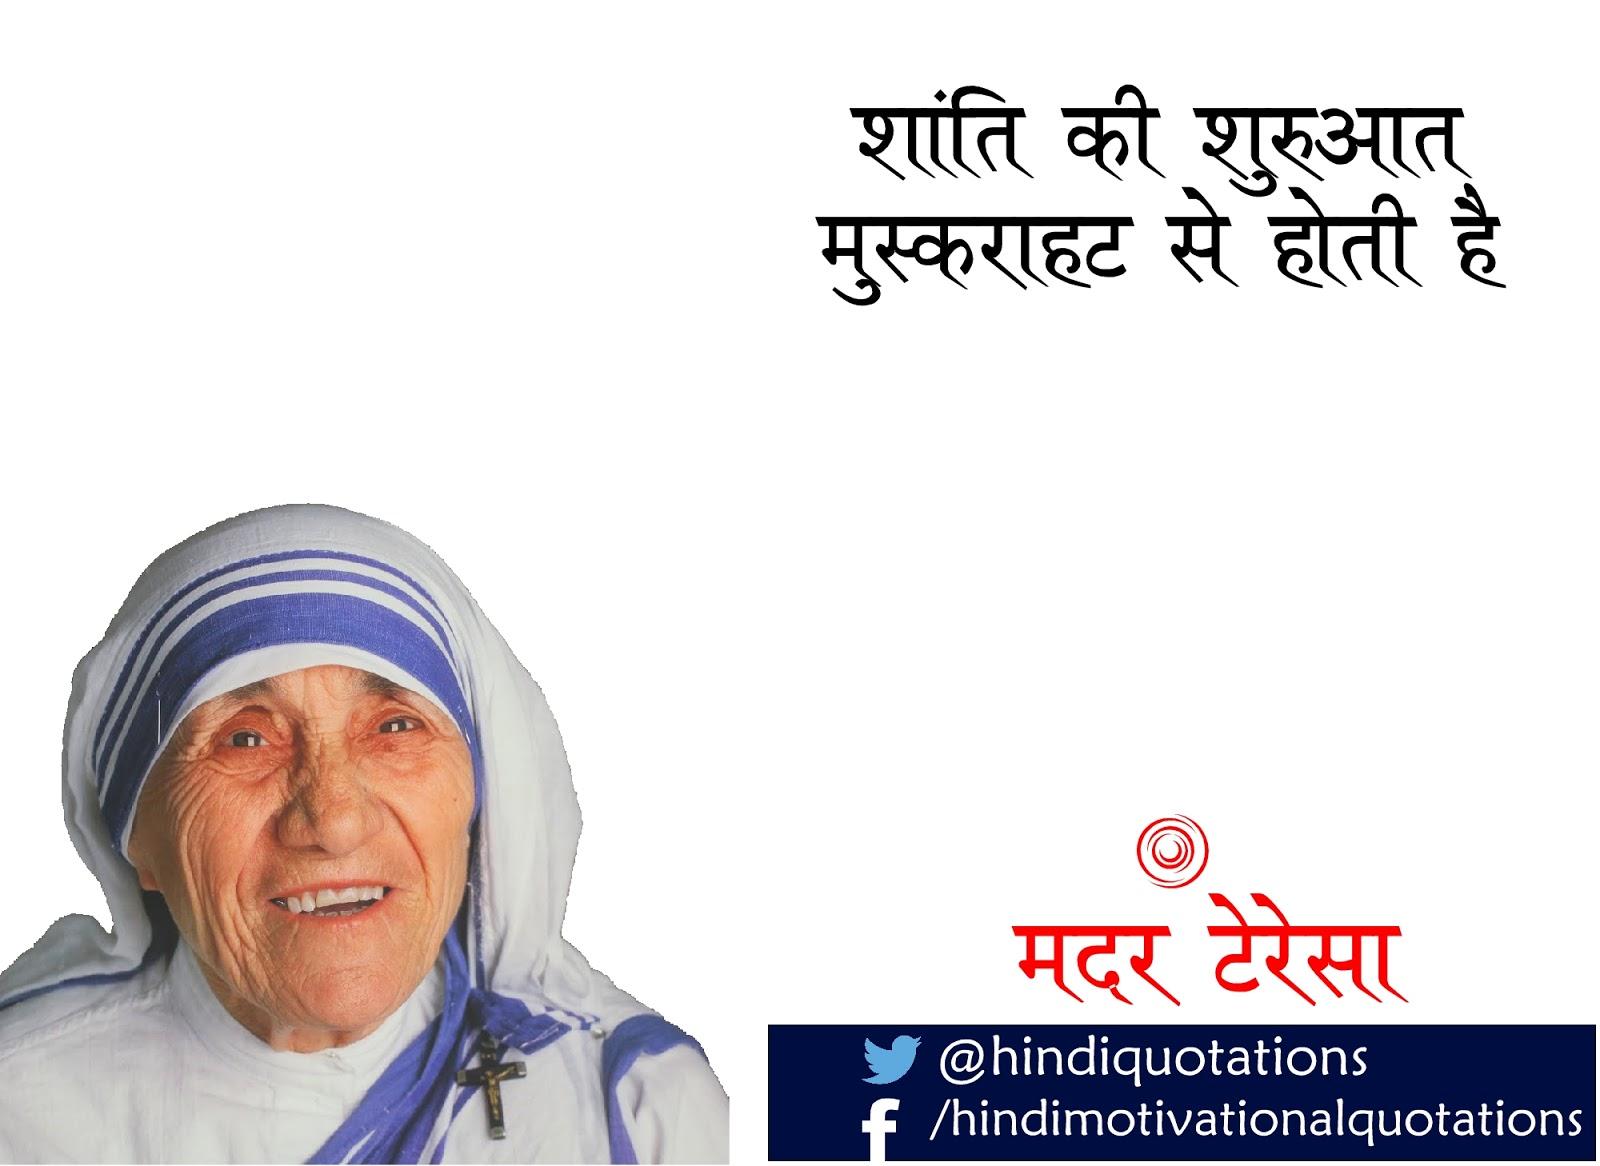 Hindi Motivational Quotes Hindi Motivational Quotes